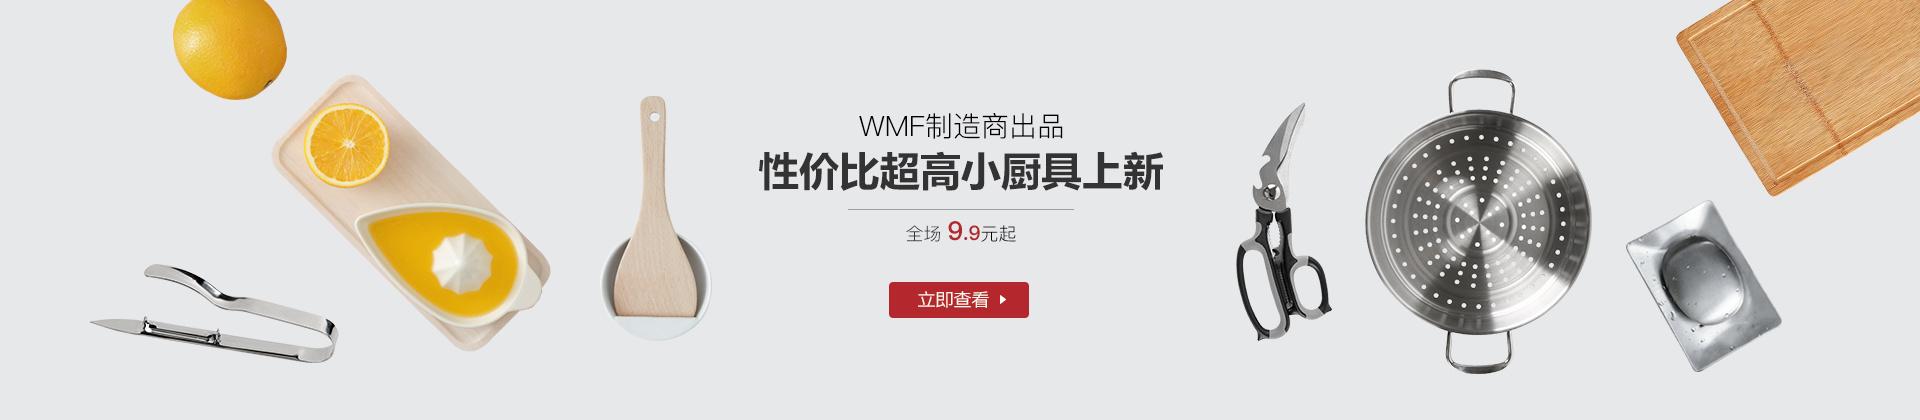 制造商 WMF